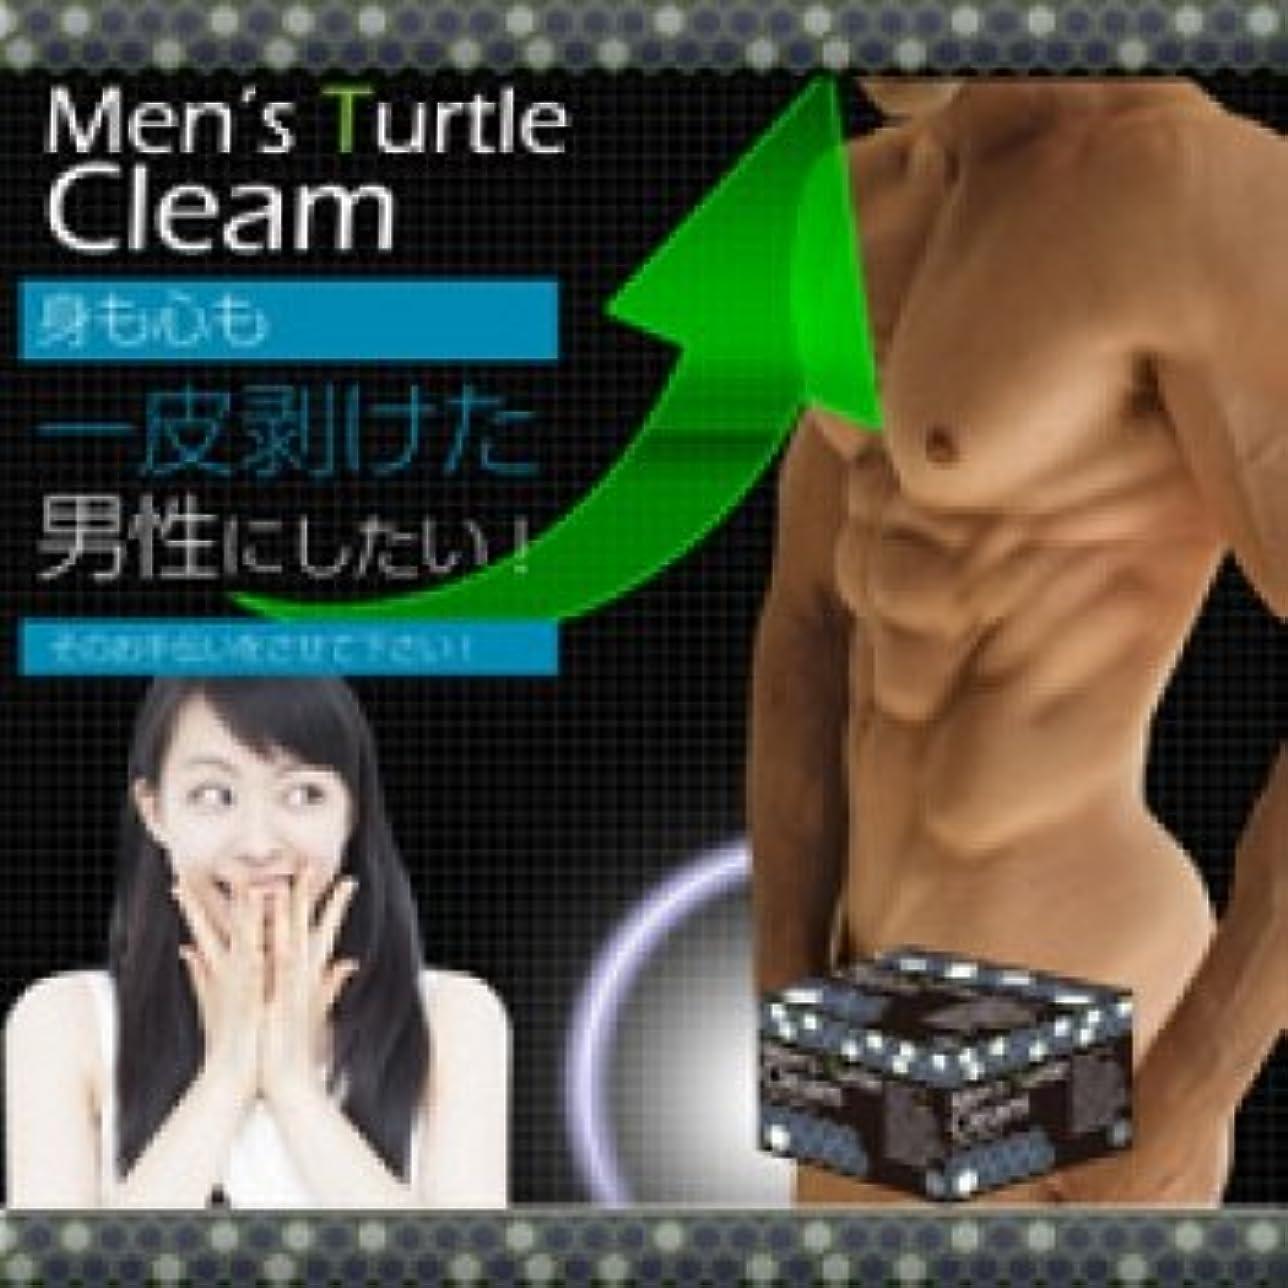 筋肉の否認する半島Men'sタートルクリーム